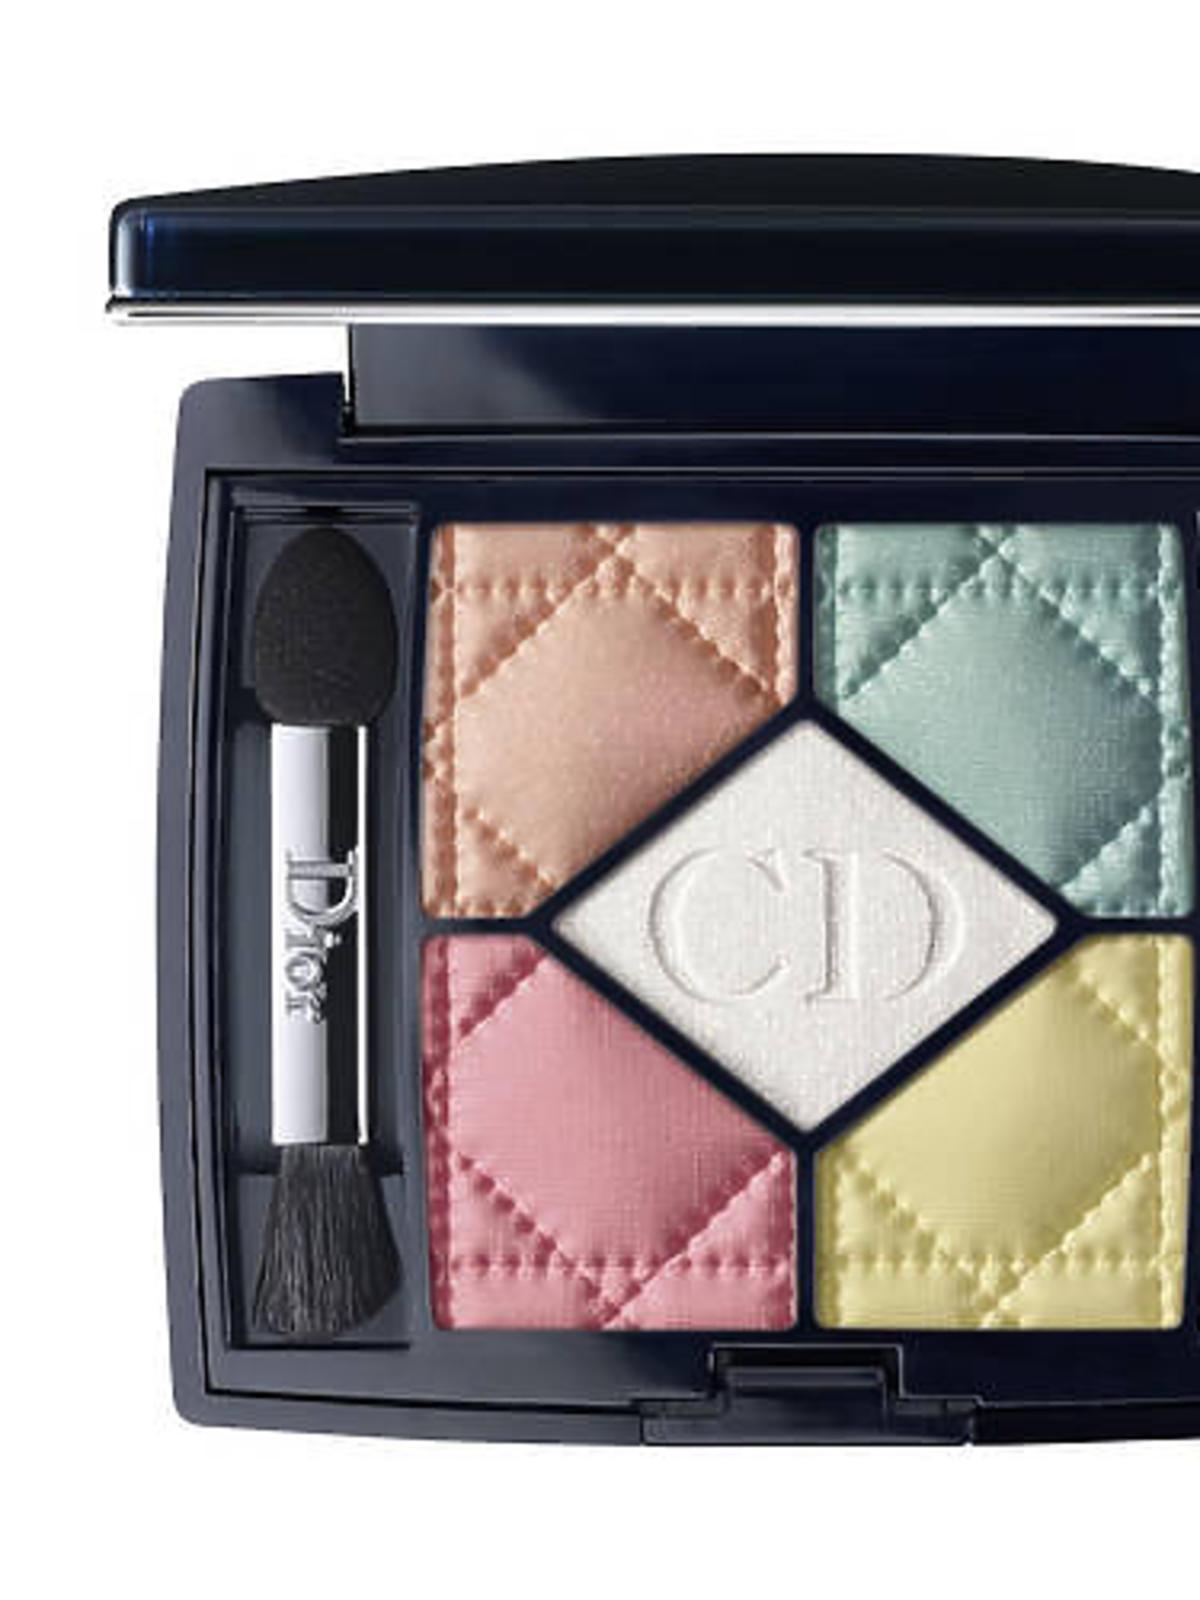 Wyprzedaże Sephora 2016 zima: DIOR 5 Couleurs Kingdom of Colors Palety cieni, cena: 159 zł (z 249 zł- wybrane odcienie)